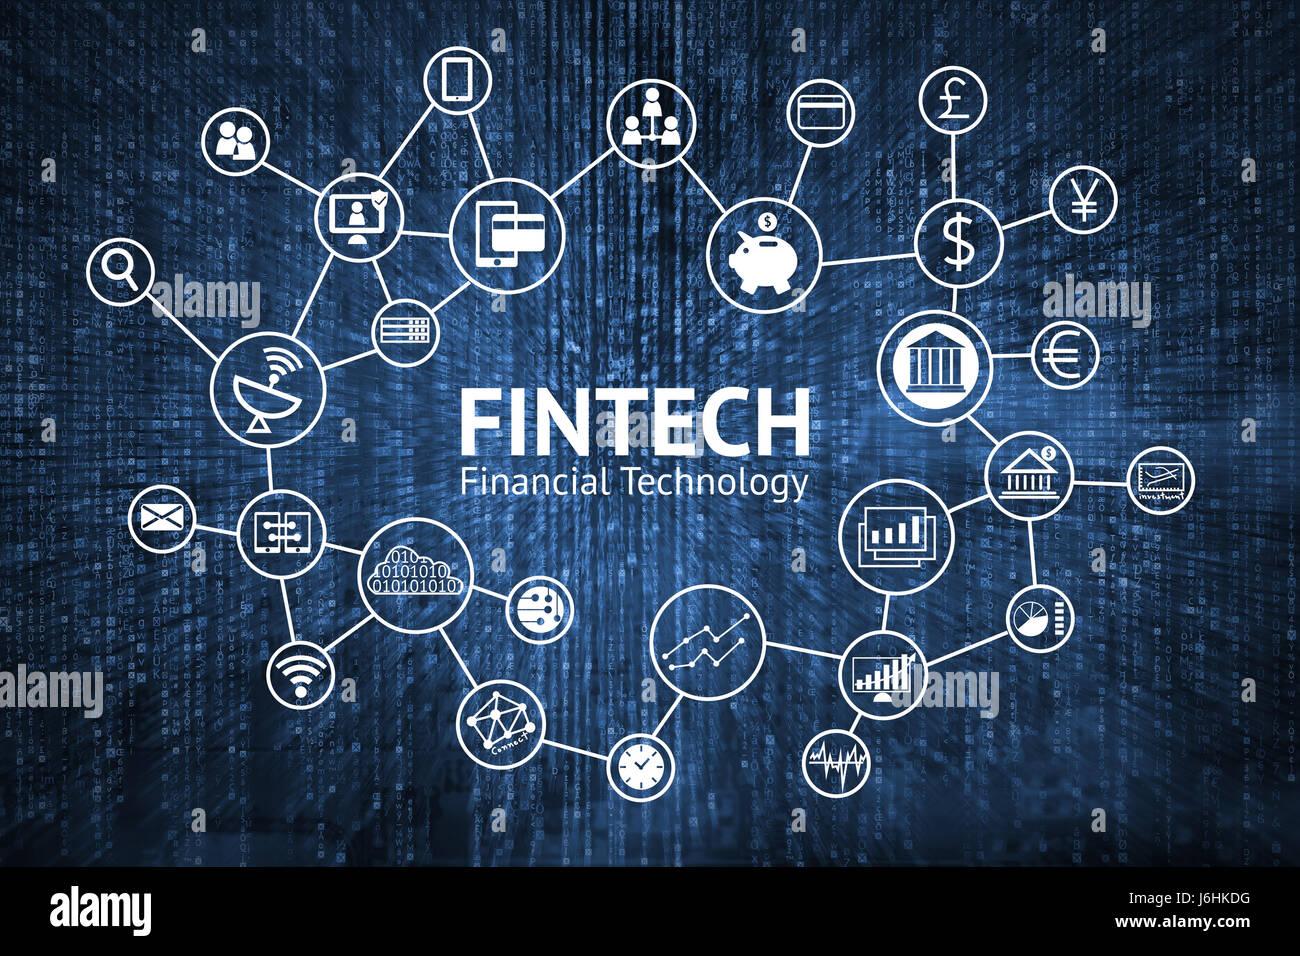 FinTech Internet-Konzept. Text und Investitionen Finanztechnologie Symbole mit blauen Matrix codiert Hintergrund Stockbild